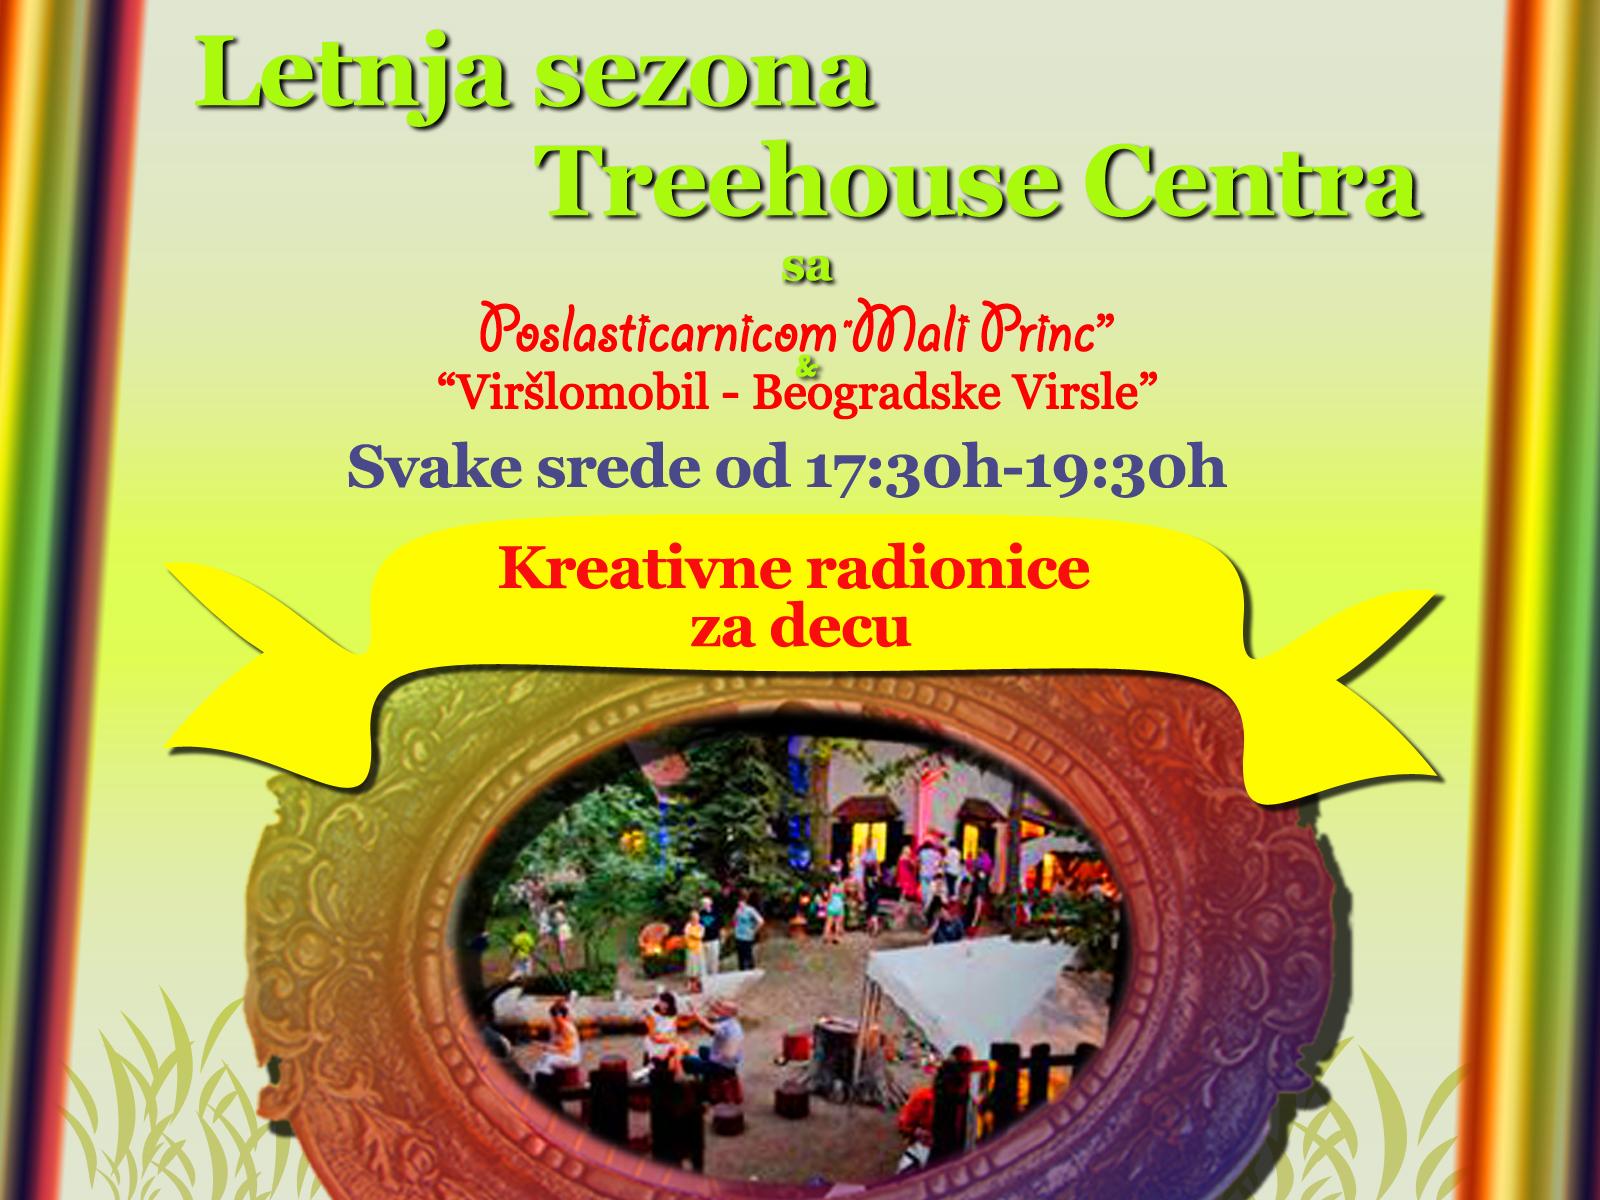 http://www.treehousesc.com/wp-content/uploads/2015/07/Poster-S1.jpg